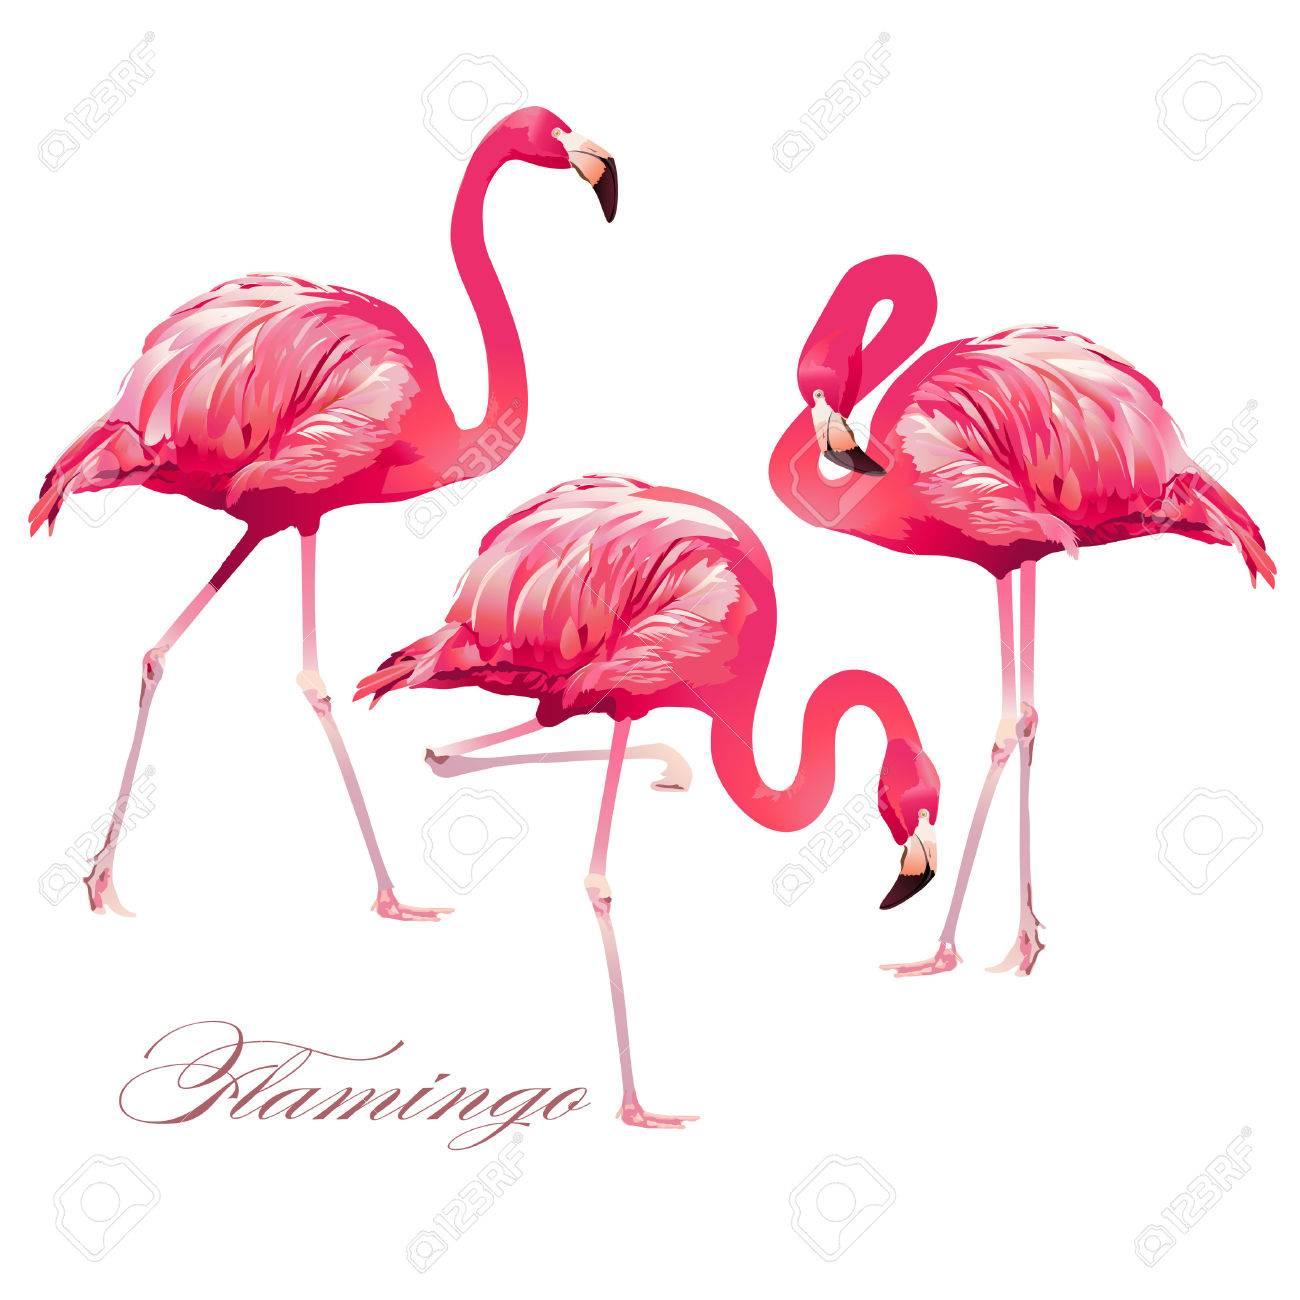 Tropical Bird Flamingos. Vector. - 74903416